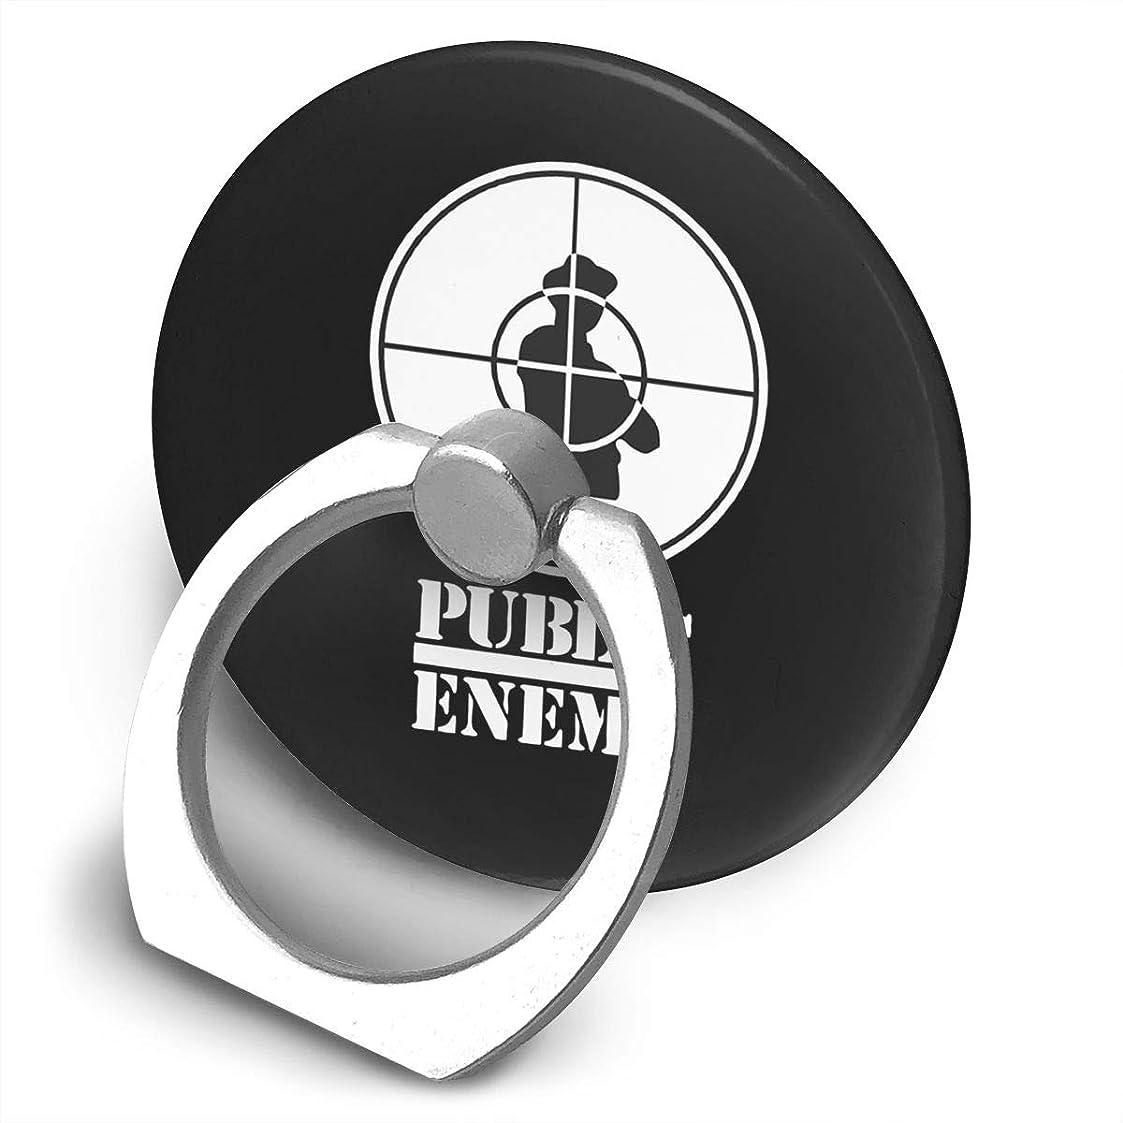 ソファーアルミニウム忘れるパブリックエネミー PUBLIC ENEMY スマホ リング ホールドリング 指輪リング 薄型 おしゃれ スタンド機能 落下防止 360度回転 タブレット/スマホ IPhone/Android各種他対応